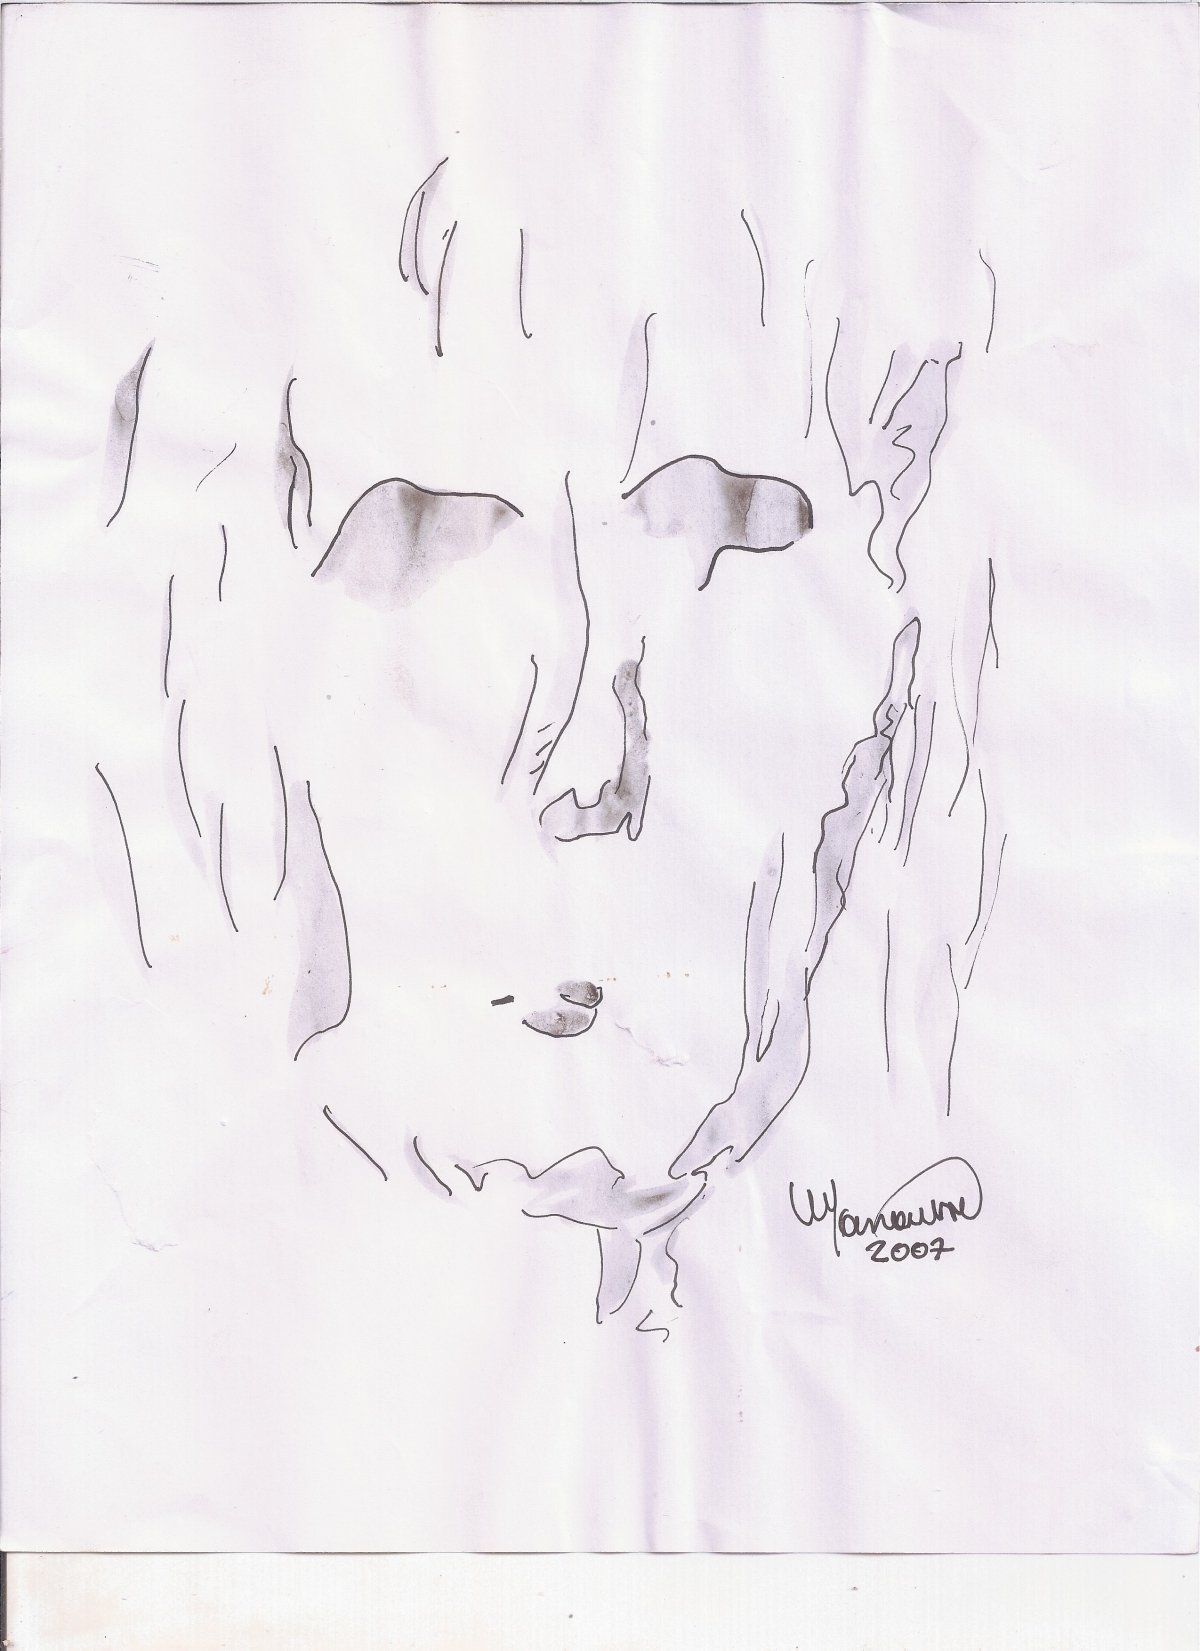 Abstracción del rostro Humano #7